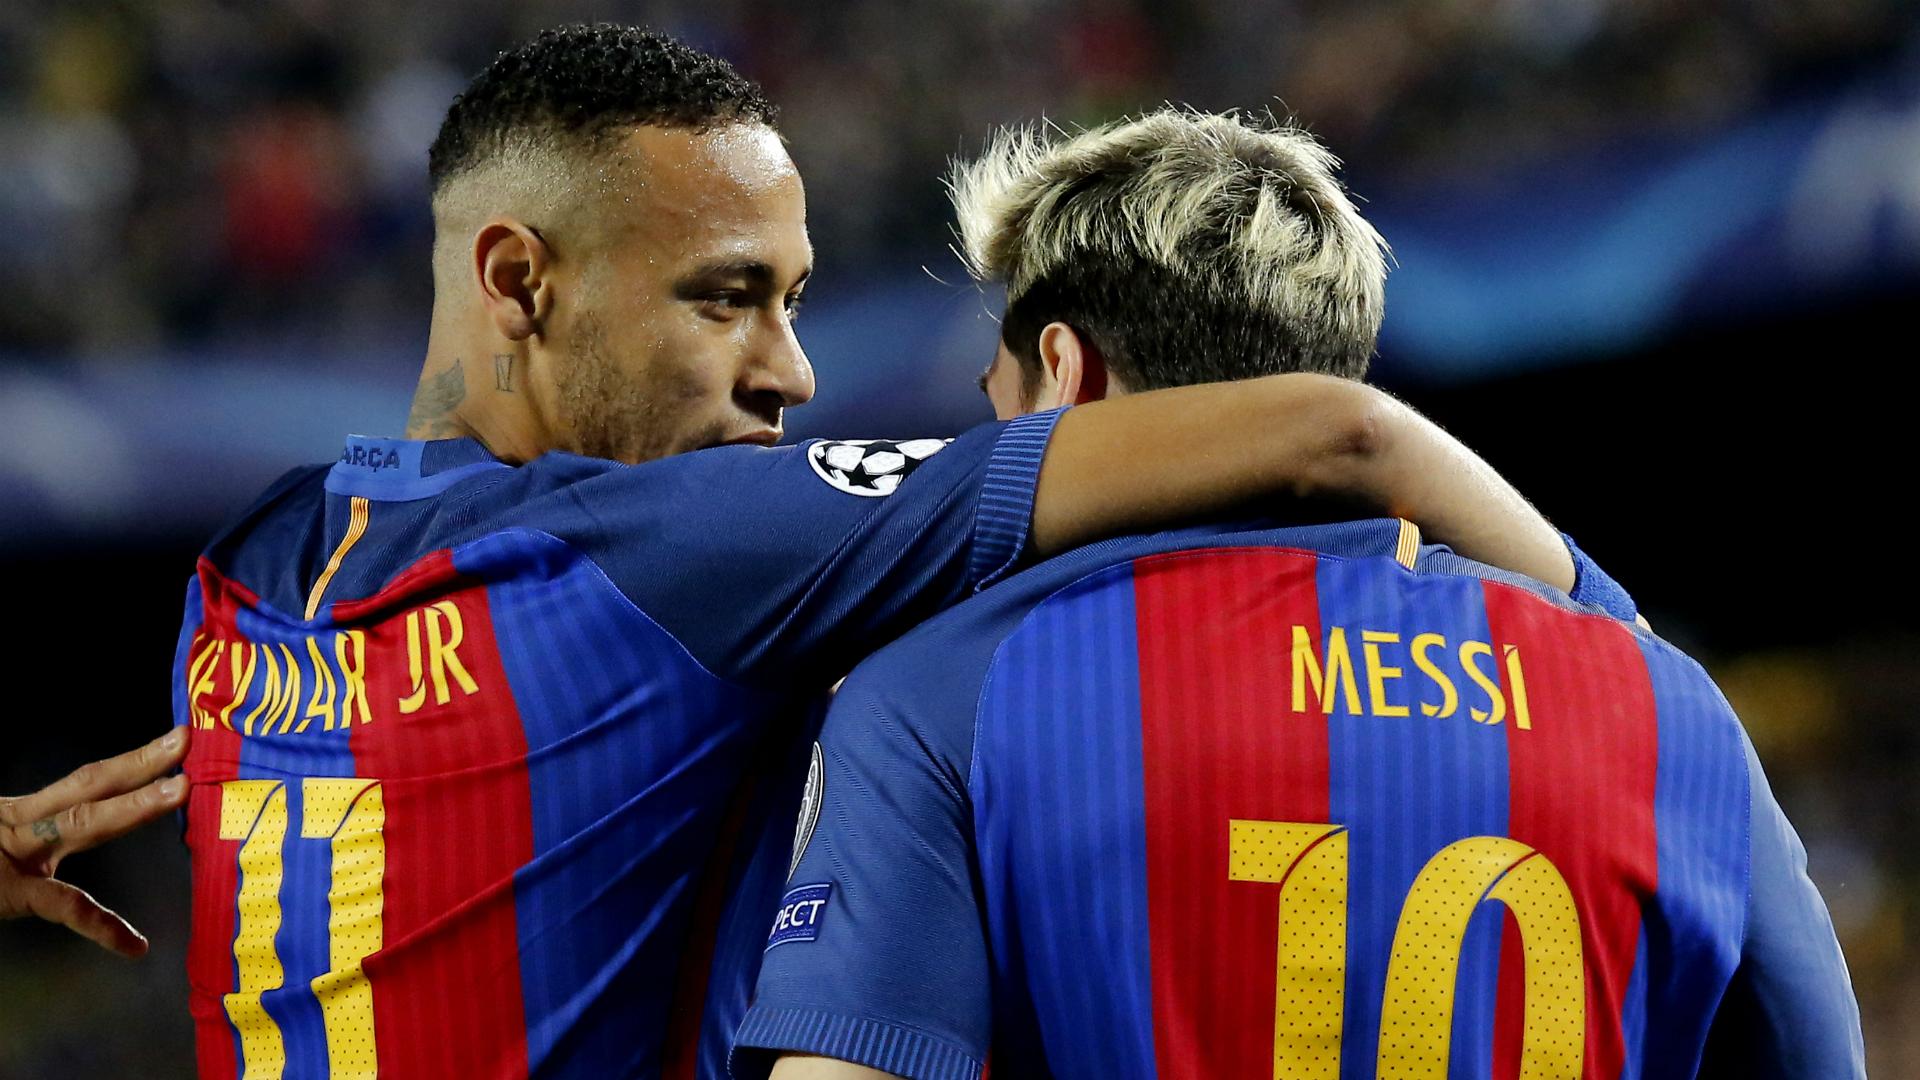 Neymar chưa hết sốc khi được chơi cạnh Messi - Bóng Đá